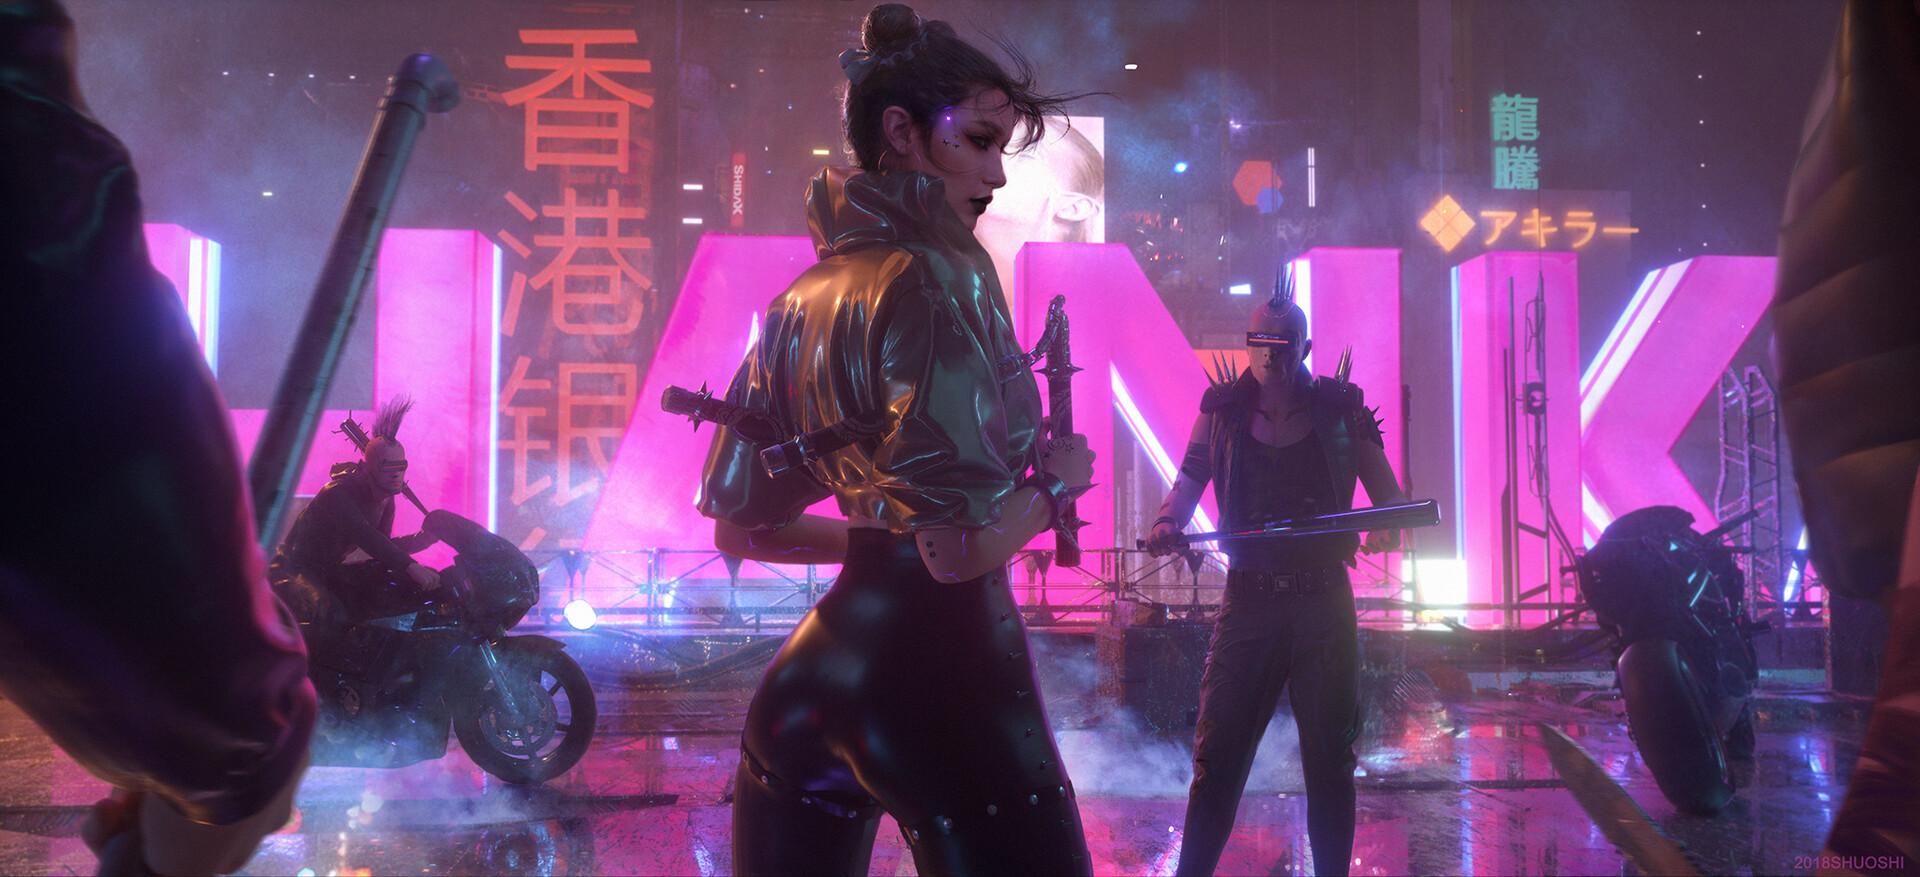 by shuo SHI - Cyberpunk 2077